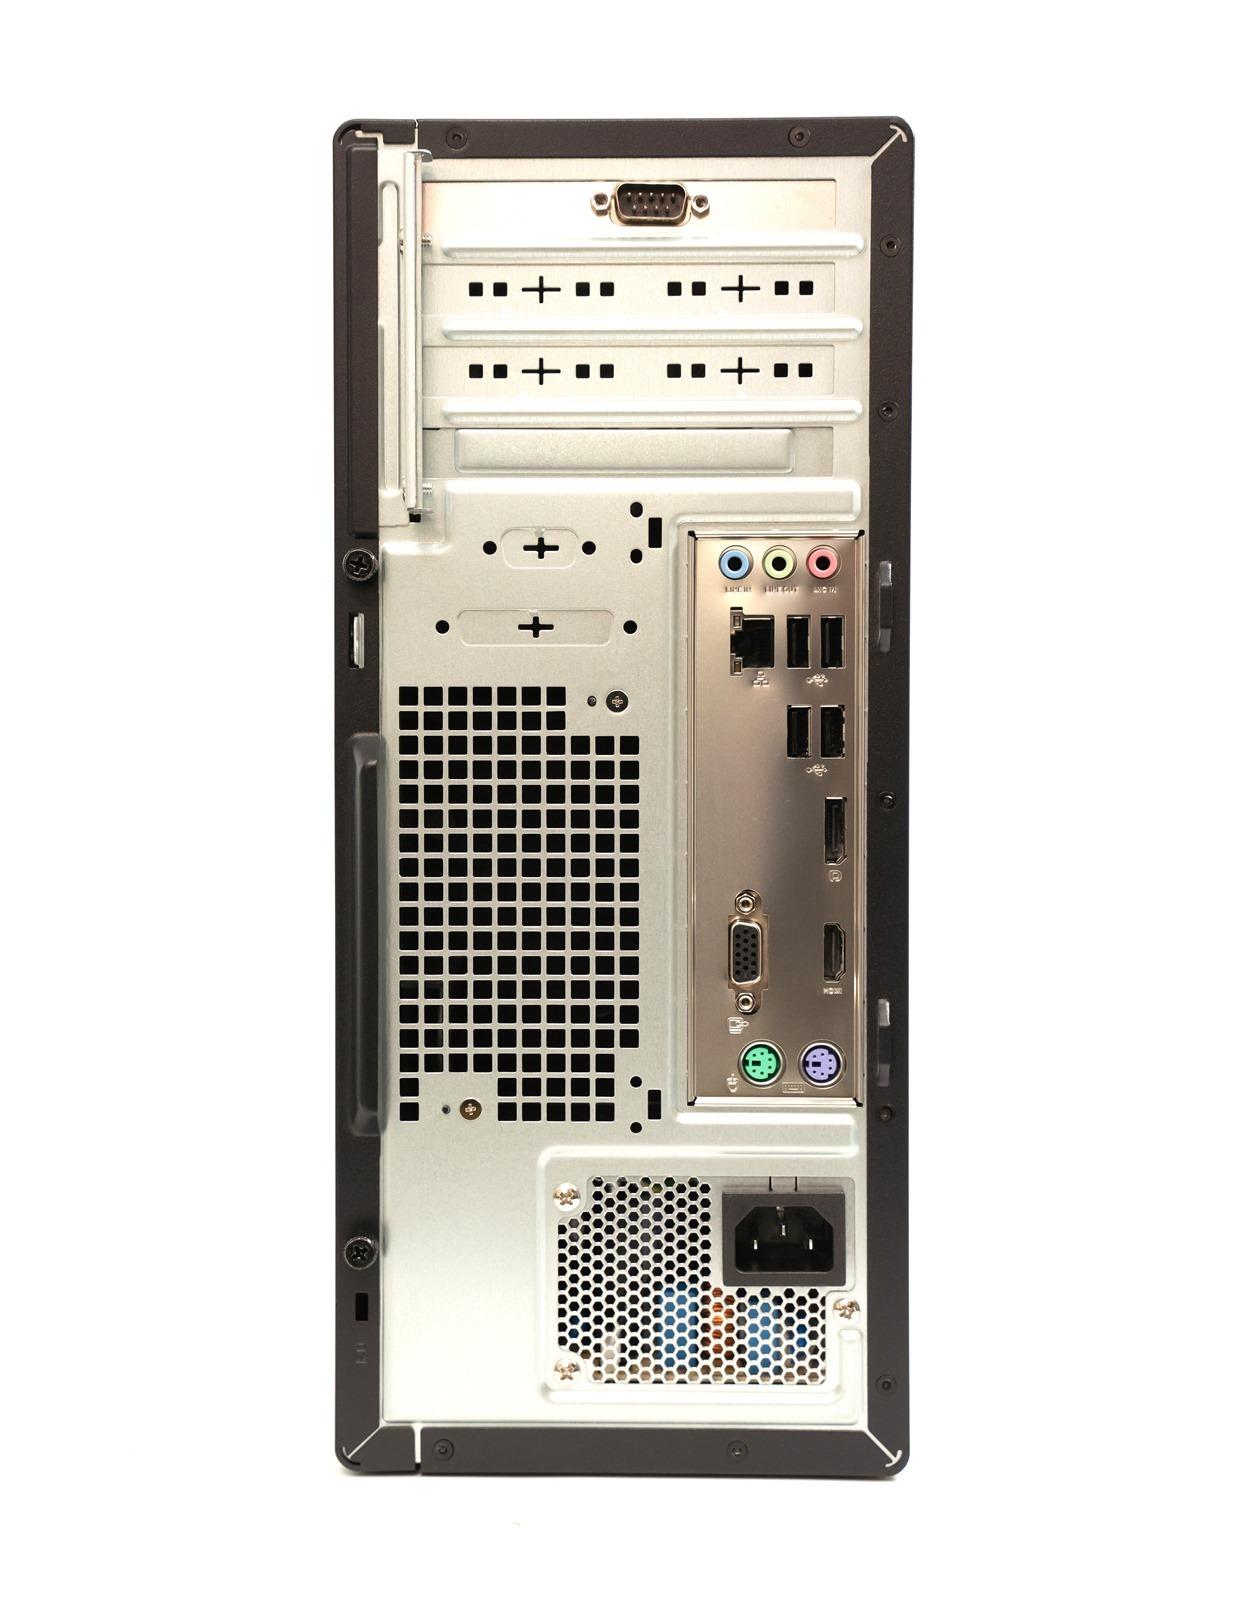 華碩 ASUSPRO D641MD:針對企業需求打造、能文能武的商務桌機 @3C 達人廖阿輝